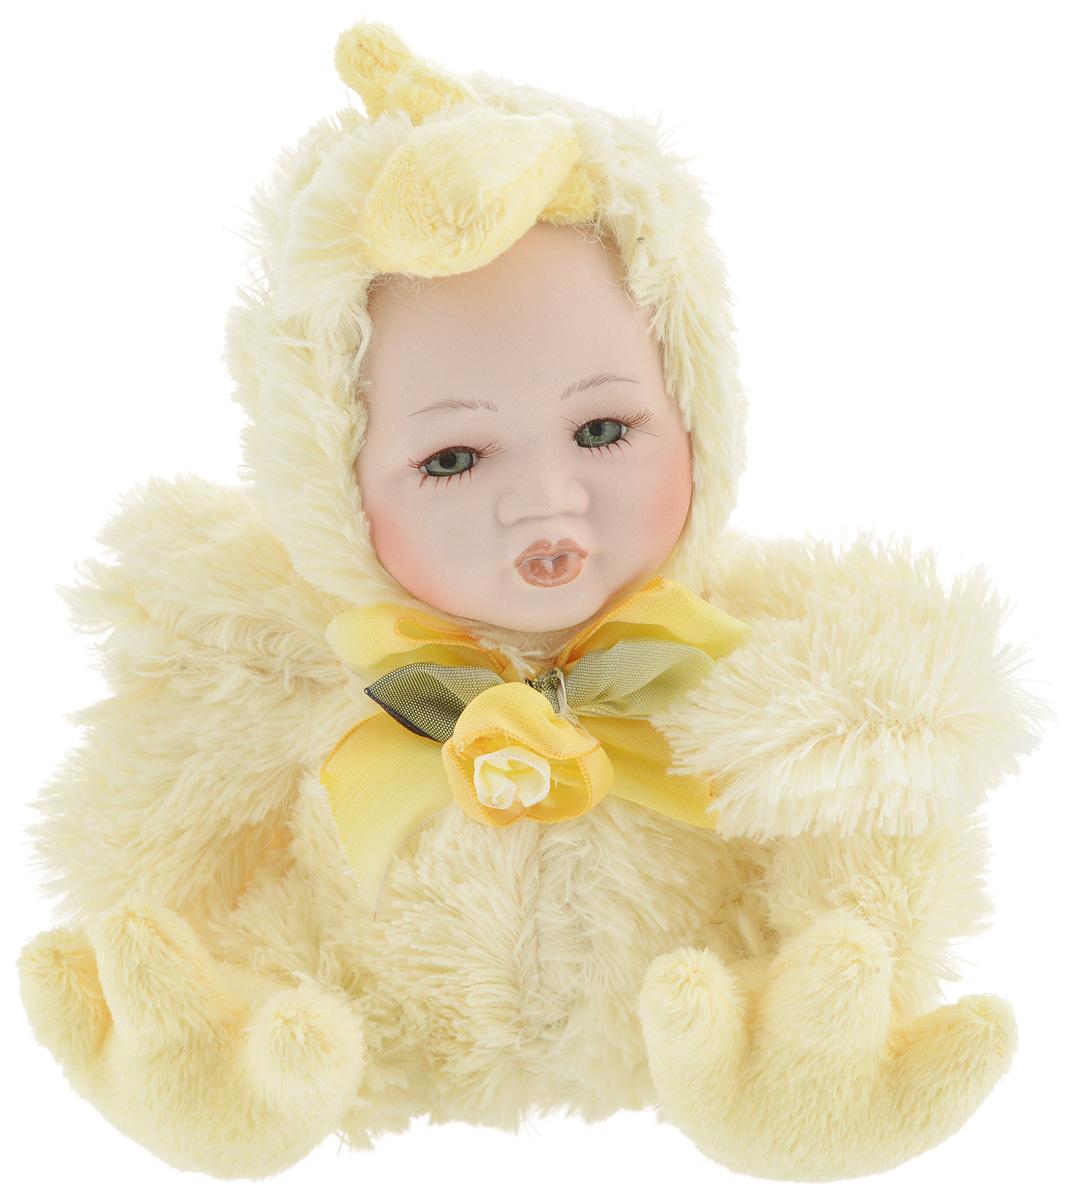 Фигурка ESTRO Ребенок в костюме цыпленка, цвет: желтый, высота 17 смC0038550Декоративная фигурка Ребенок в костюме цыпленка изготовлена из высококачественных материалов в оригинальном стиле. Фигурка выполнена в виде ребенка в костюме цыпленка.Уютнаяи милая интерьерная игрушка предназначена для взрослых и детей, для игр и украшения новогодней елки, да и просто, для создания праздничной атмосферыв интерьере! Фигурка прекрасно украсит ваш дом к празднику, а в остальные дни с ней с удовольствием будут играть дети. Оригинальный дизайн и красочное исполнение создадут праздничное настроение. Фигурка создана вручную, неповторима и оригинальна. Порадуйте своих друзей и близких этим замечательным подарком!